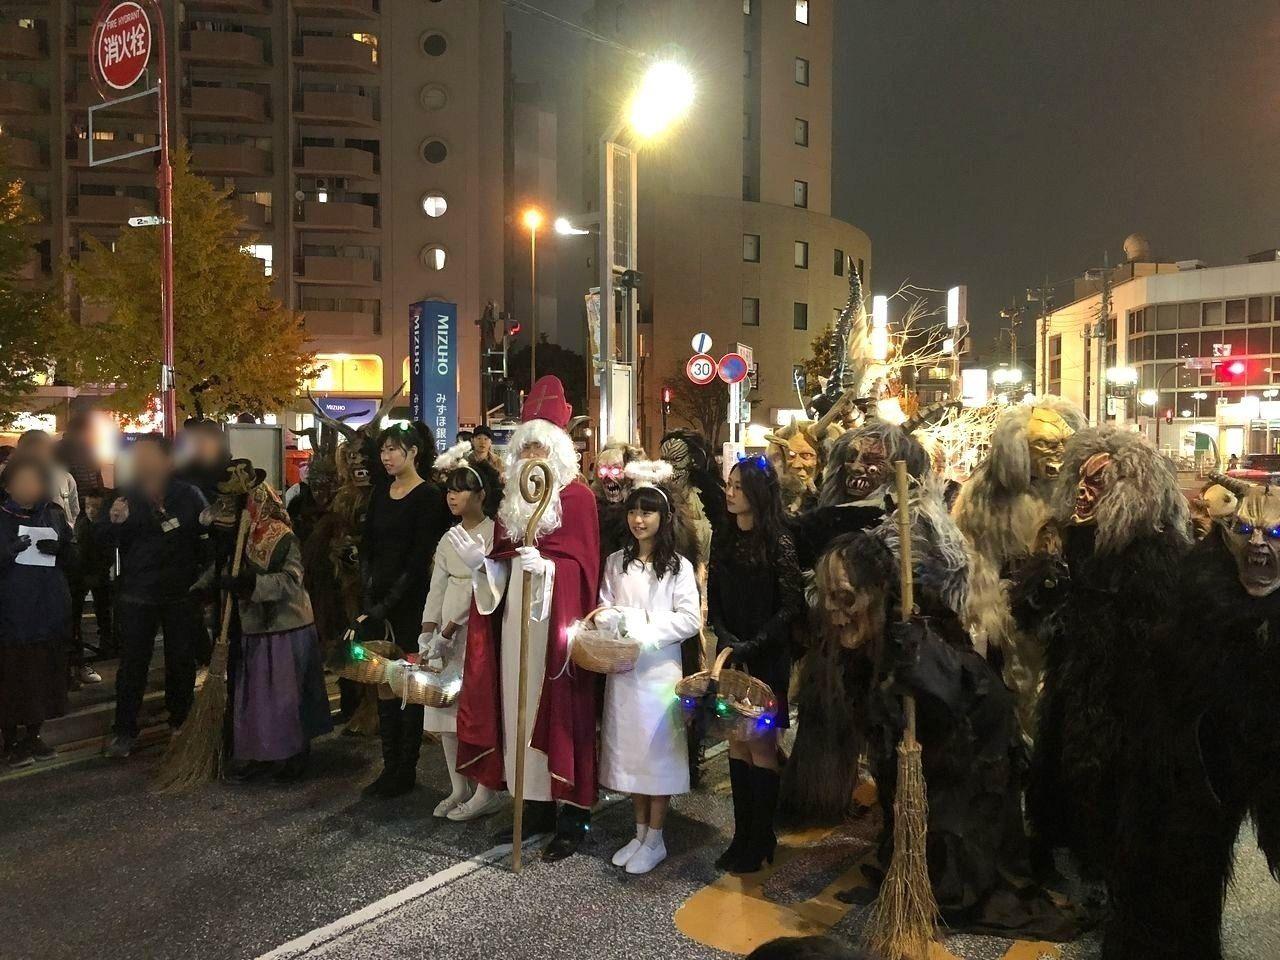 志村坂上のクランプスパレード(2018年)